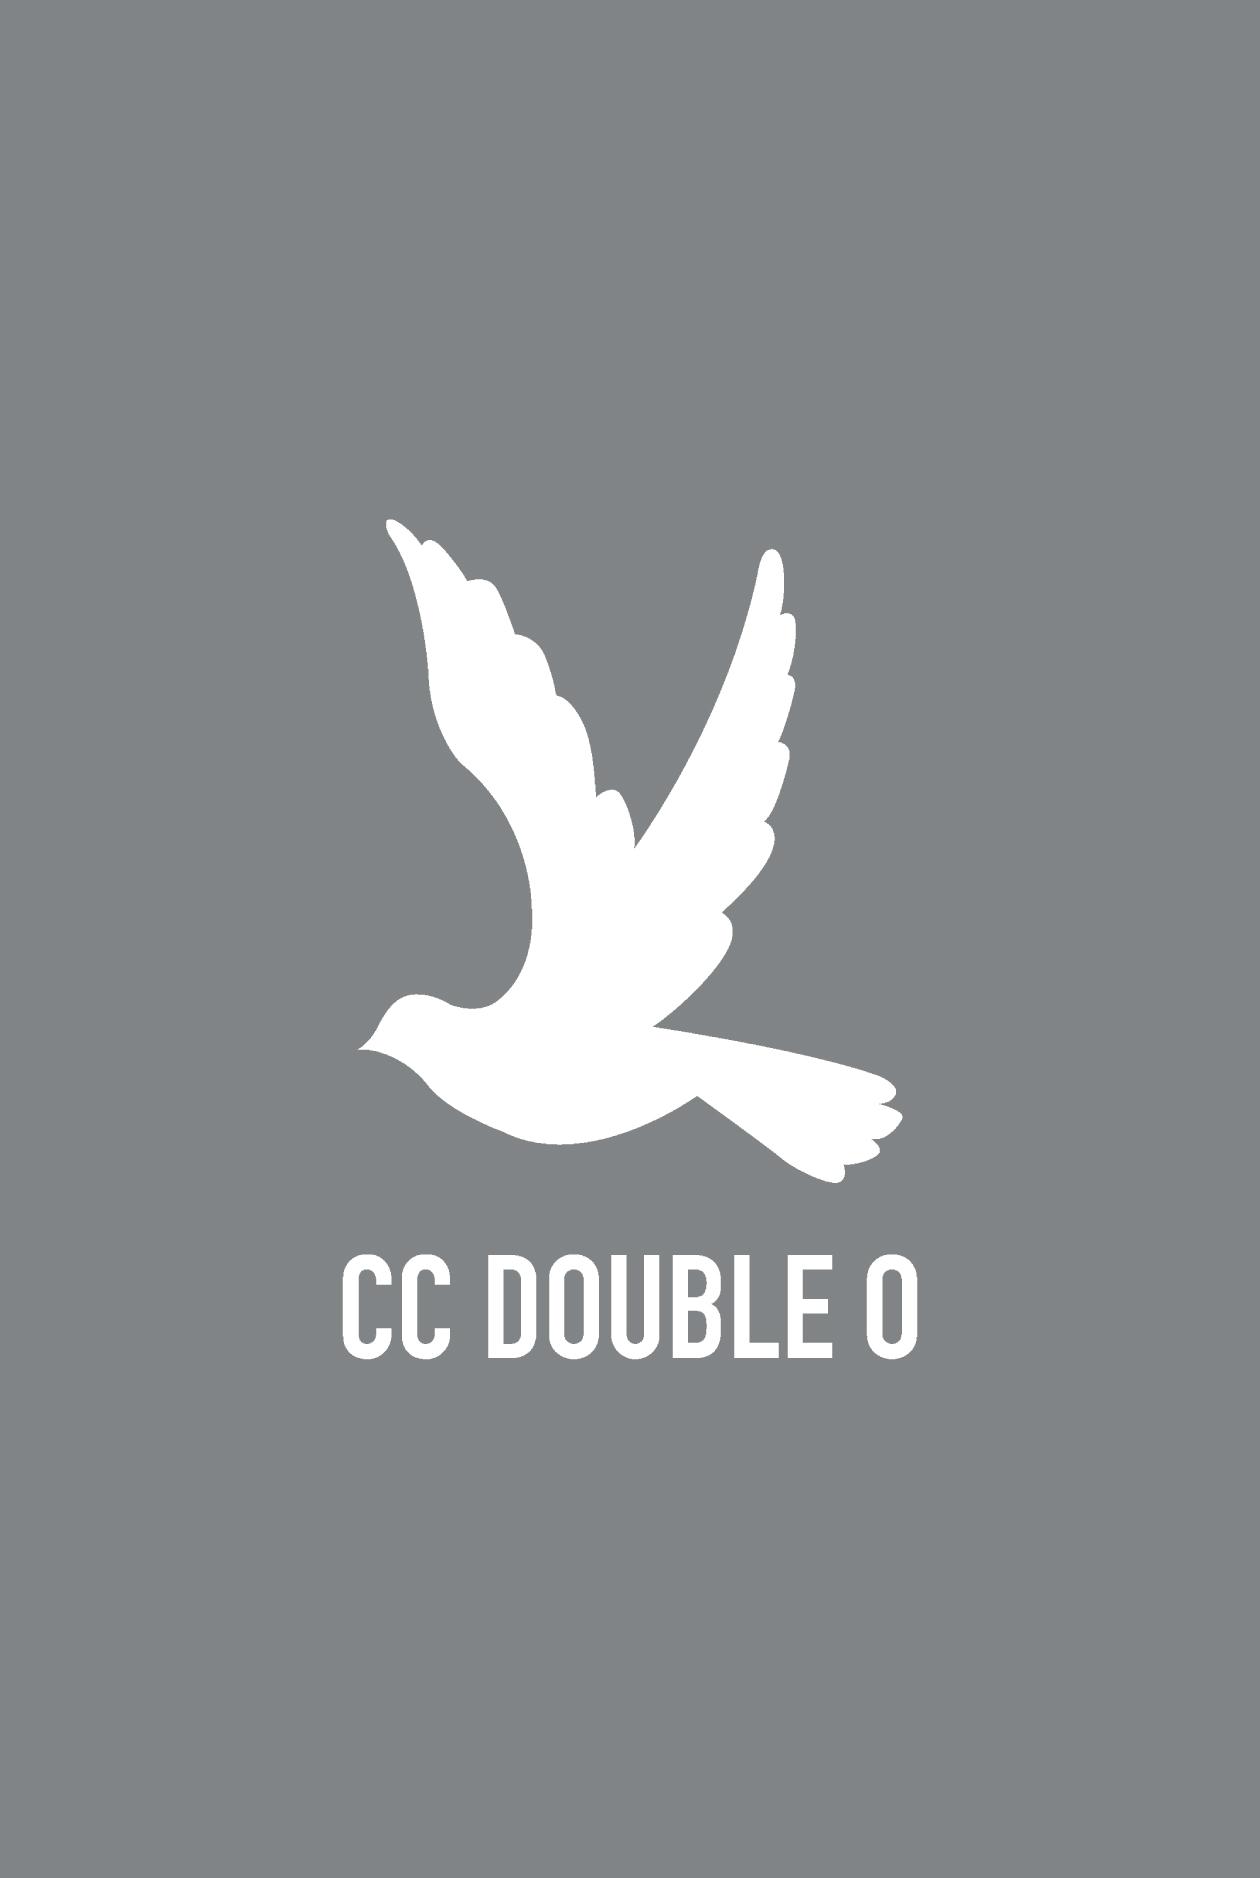 CC DOUBLE O Badge Cap